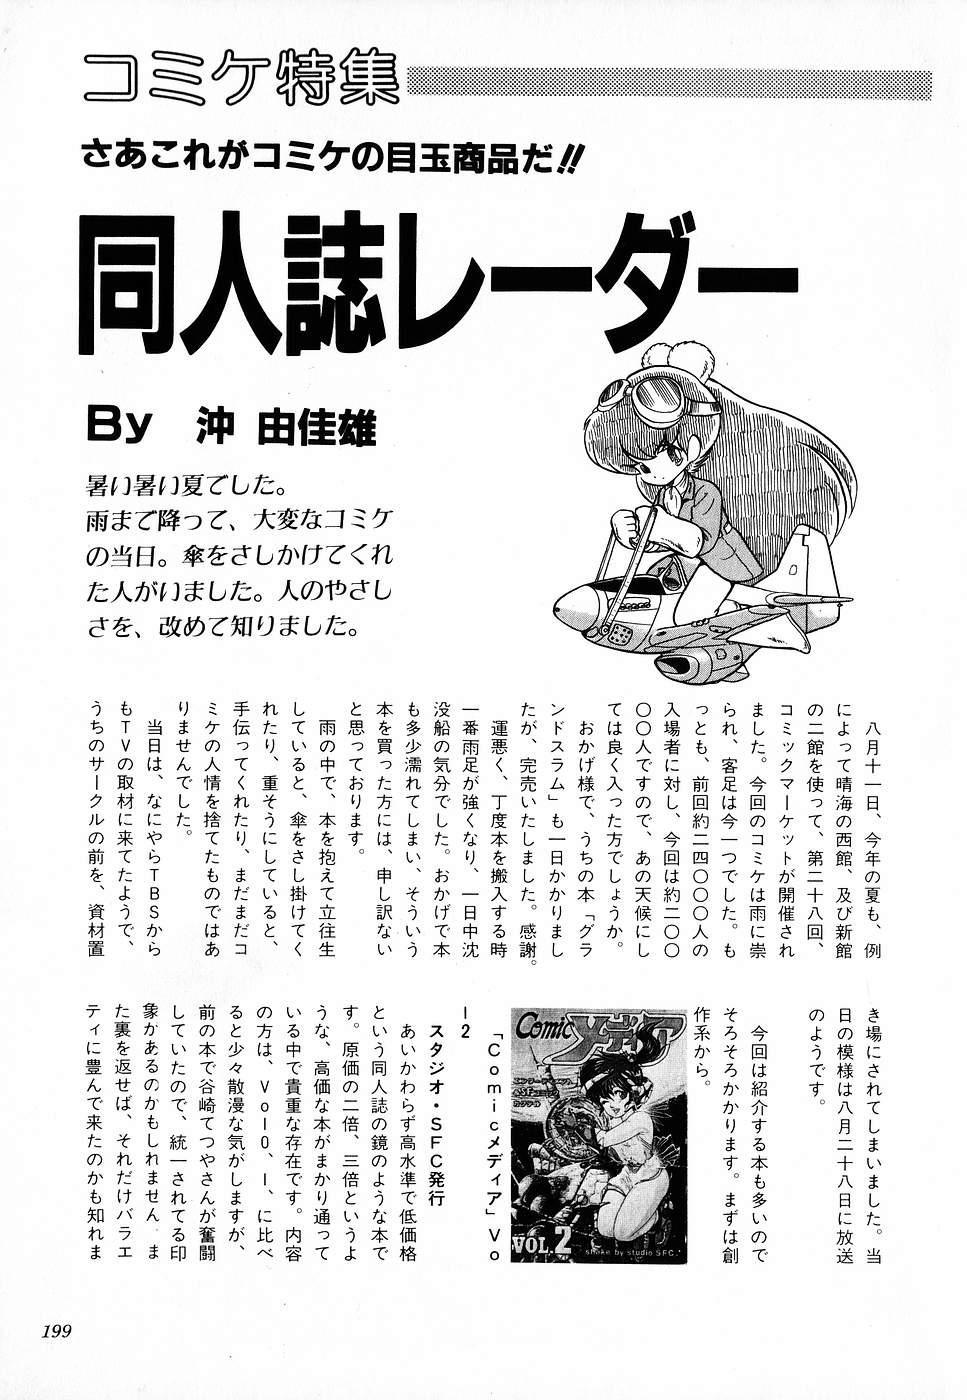 COMIC Lolipop 1985-10 Soukanjunbigou Aki 198